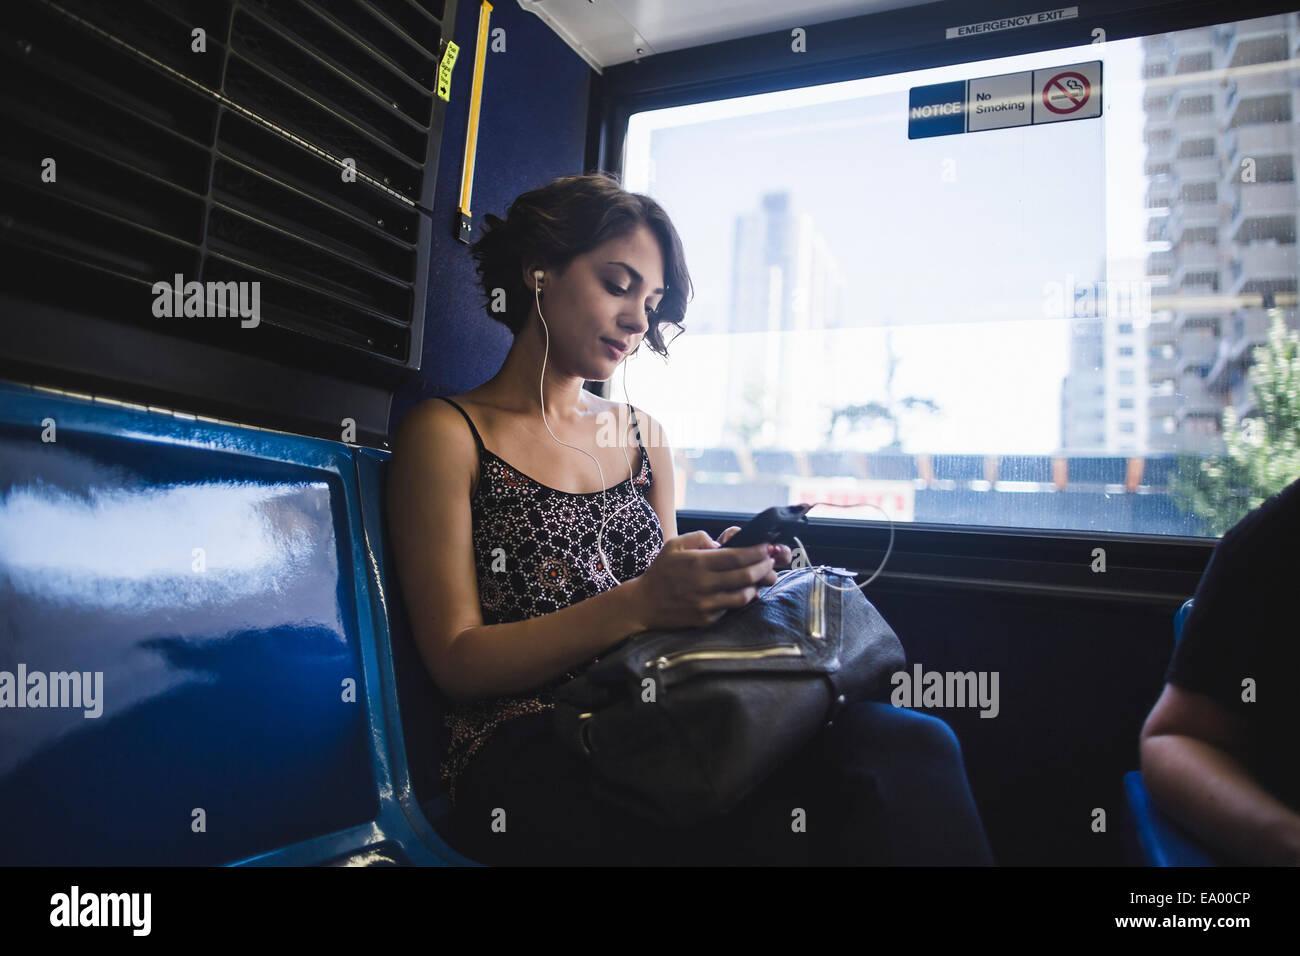 Giovane donna il pendolarismo sul bus per ascoltare musica sullo smartphone, New York, US Immagini Stock